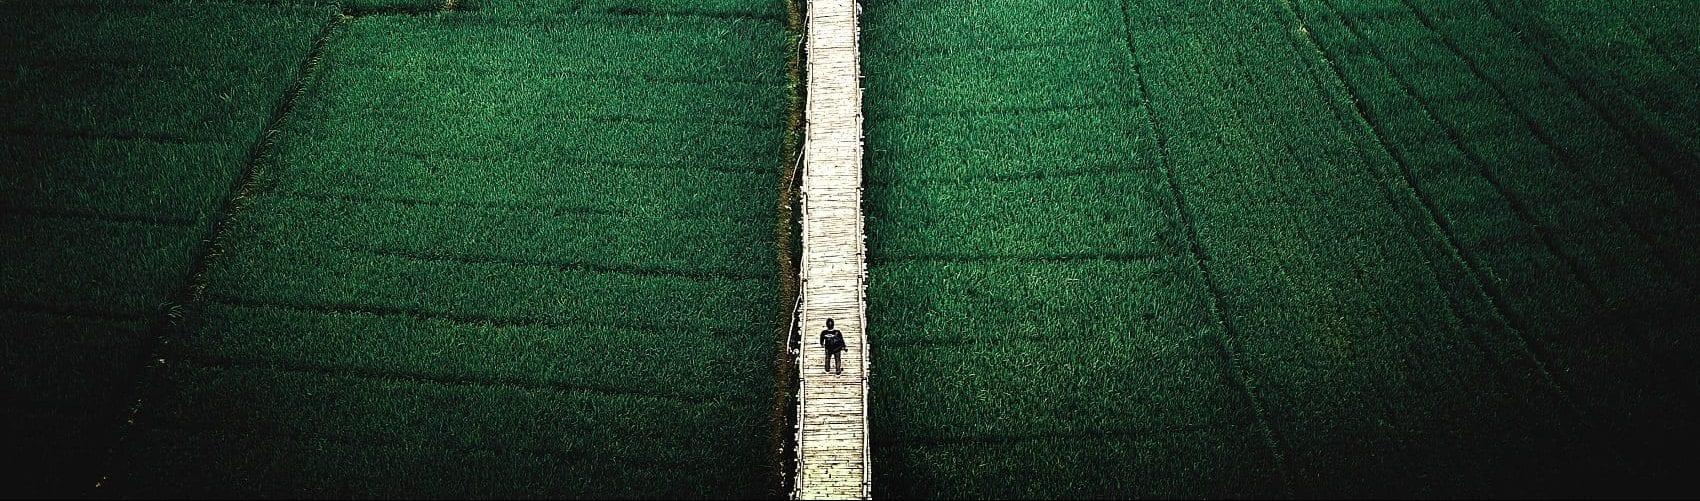 Boardwalk in a Field